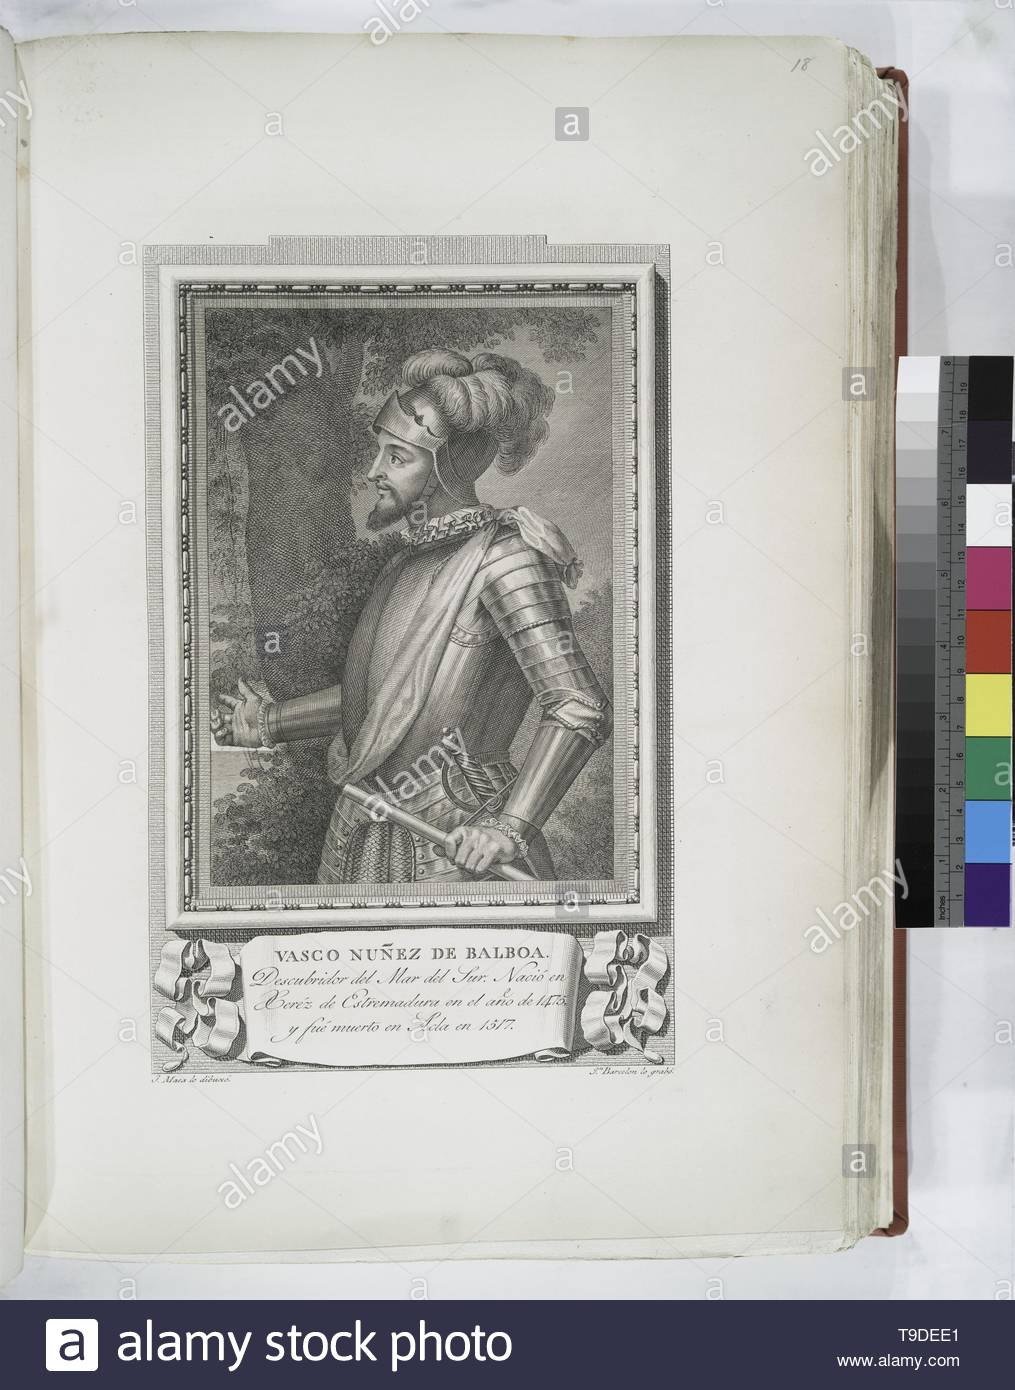 Maea,José(1759-1826)-Vasco Nuñez de Balboa - Stock Image